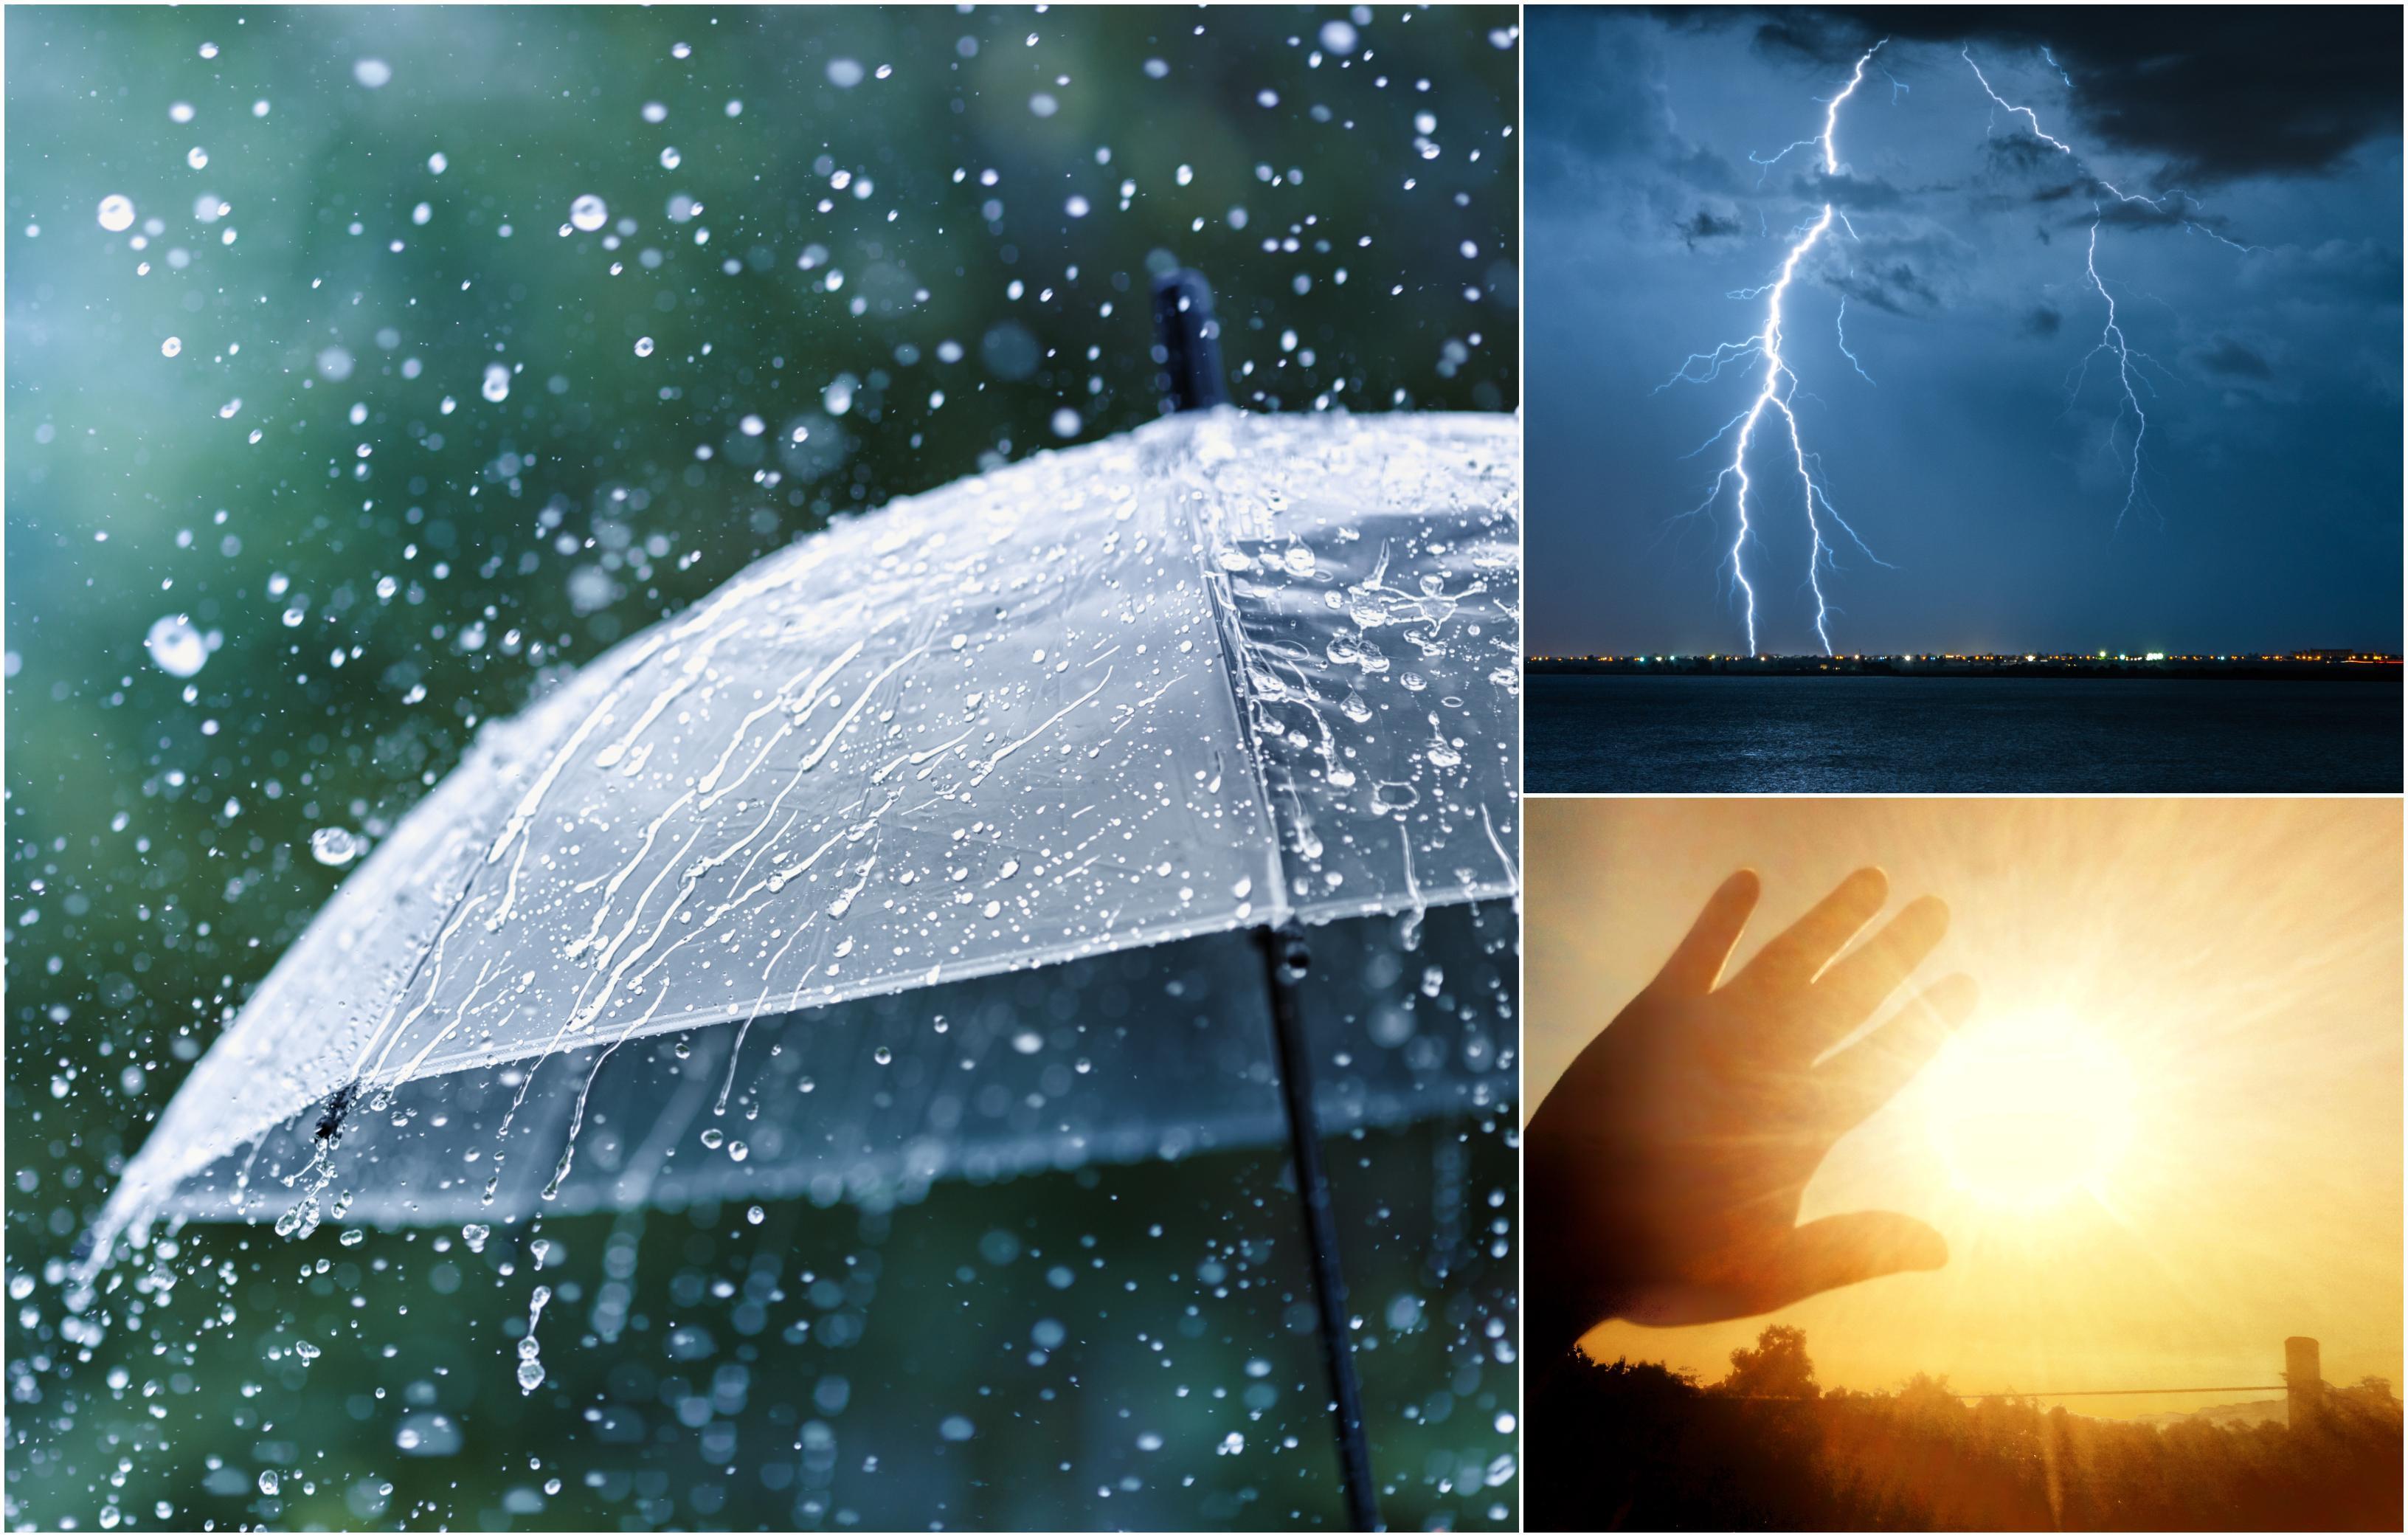 Alertă ANM! Cod Galben de furtuni și caniculă. Meteorologii au anunțat vijelii, grindină, descărcări electrice și temperaturi mari